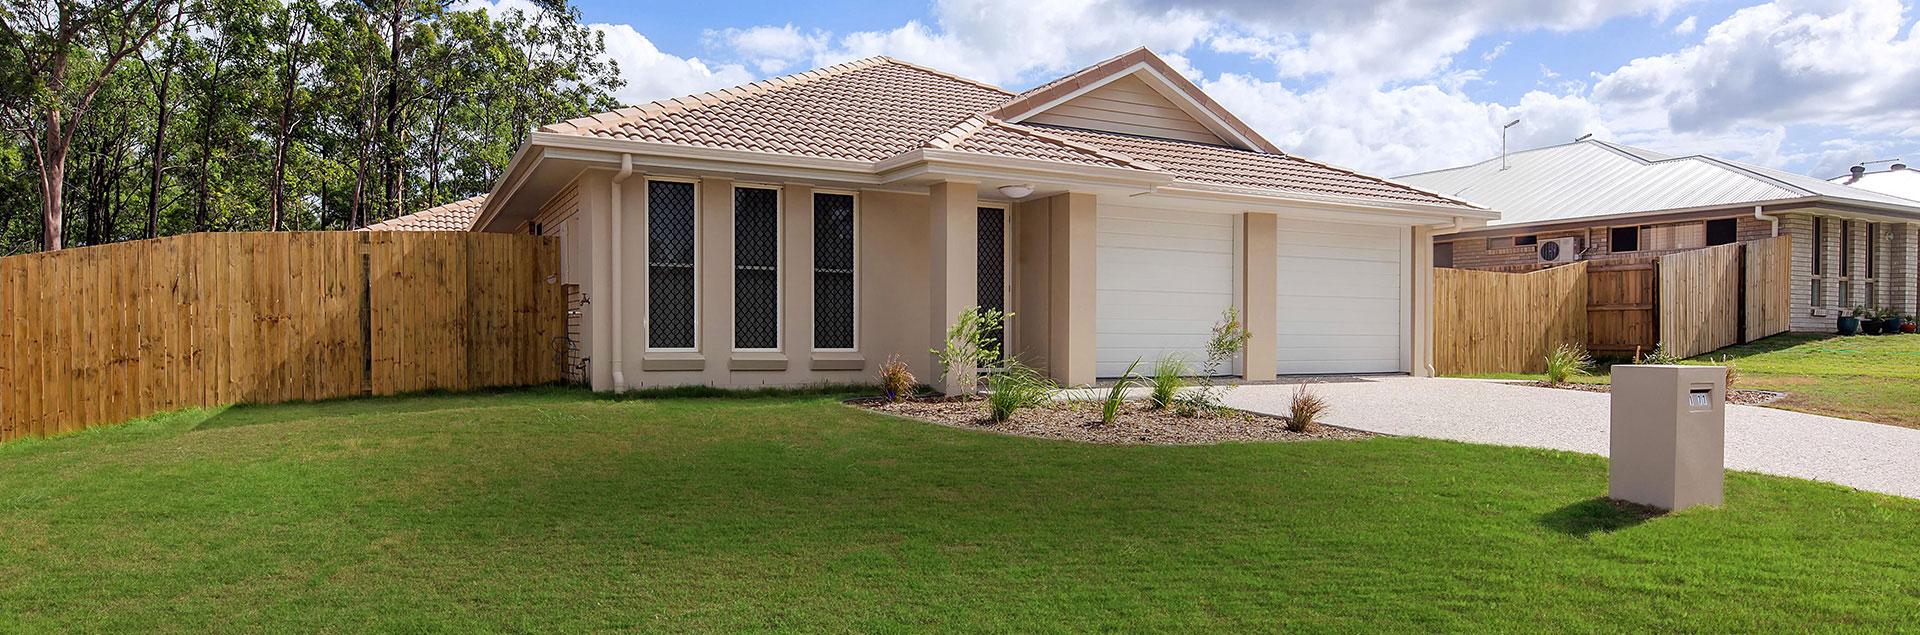 Positive Cash Flow Property Brisbane Dual Living Property Brisbane - Property Queensland